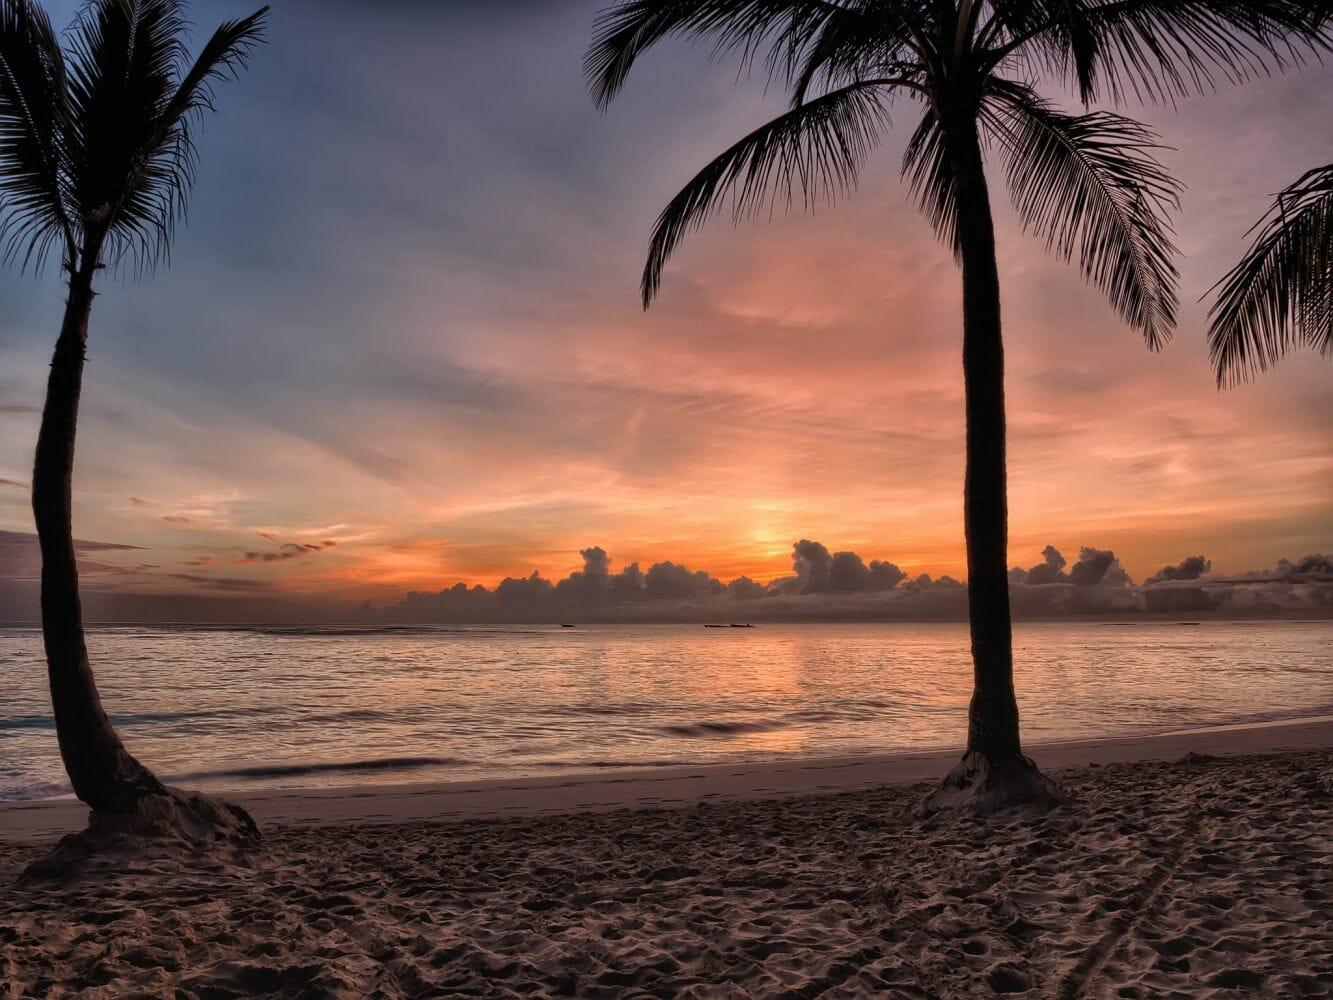 Praia calma com areias brancas